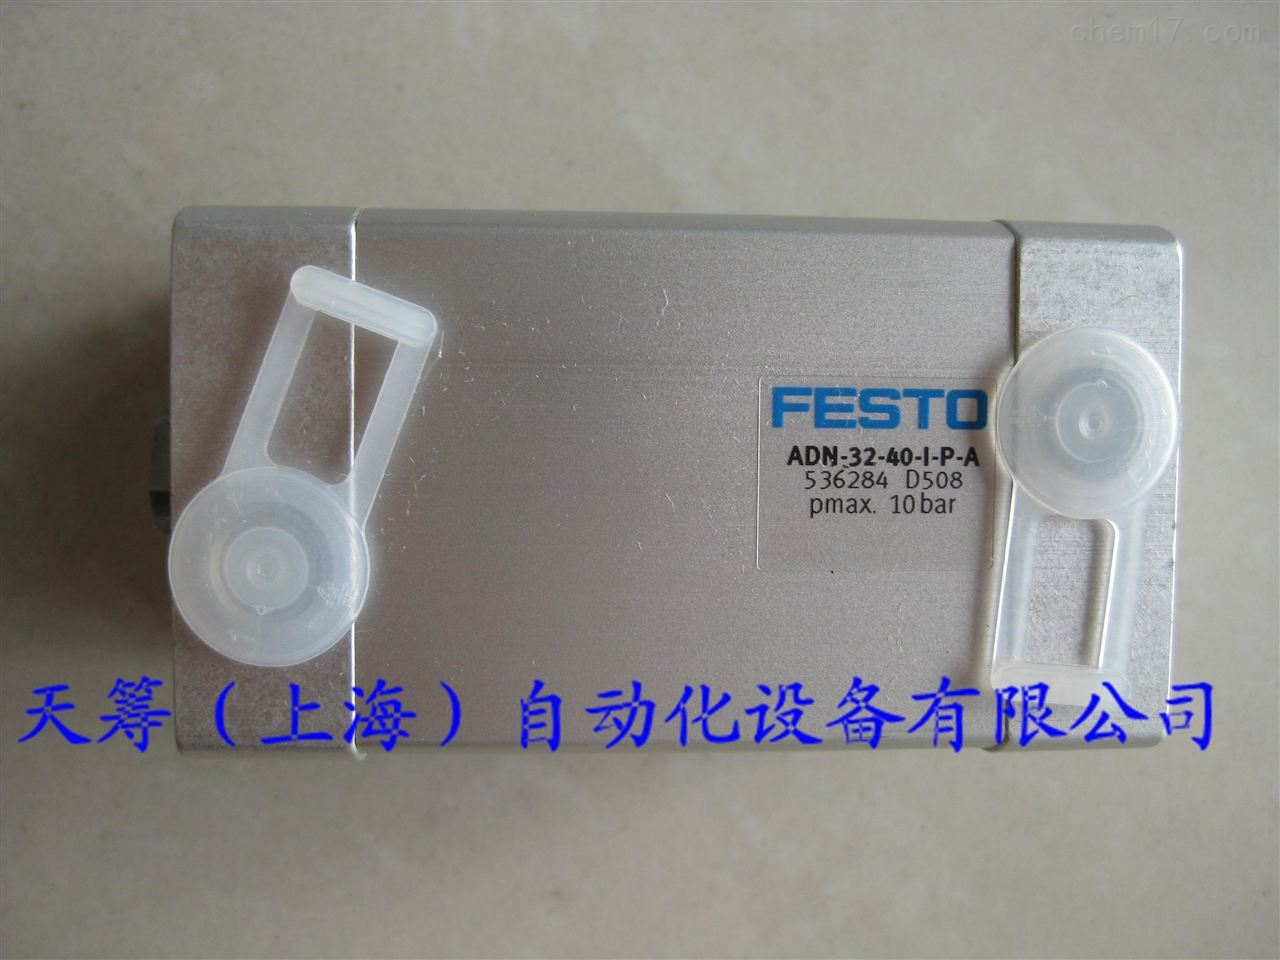 FESTO紧凑型气缸ADN-32-40-L-P-A